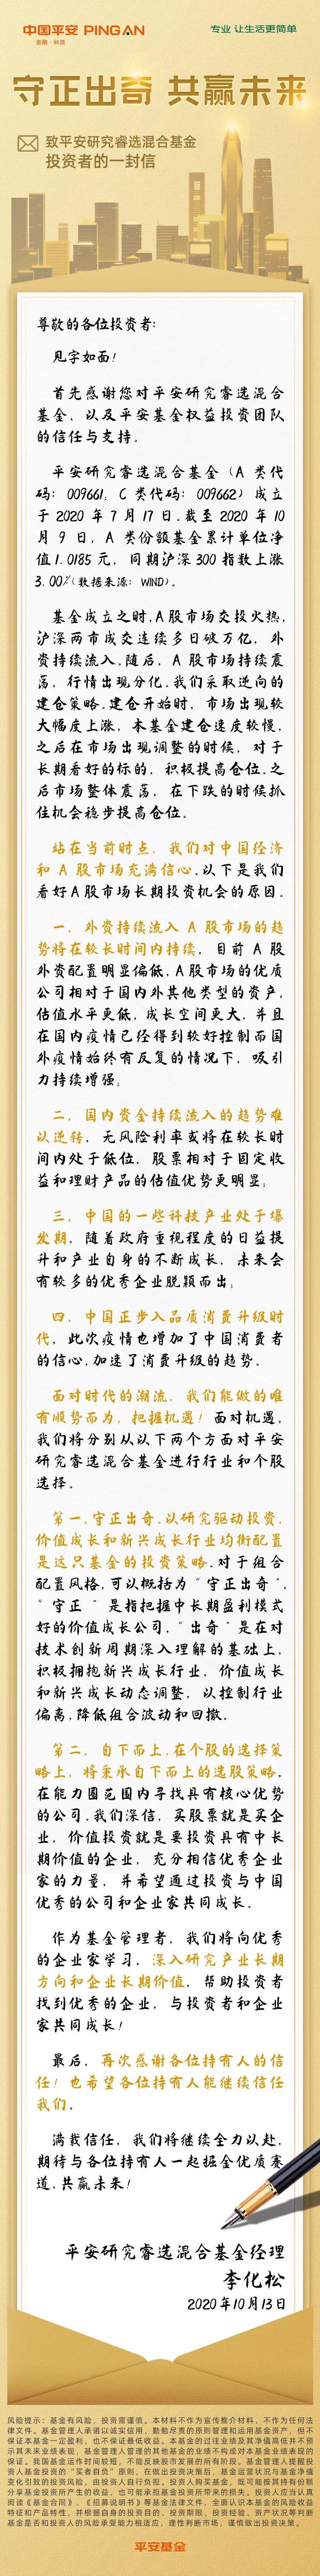 平安研究睿选混合基金经理李化松——致投资者的一封信